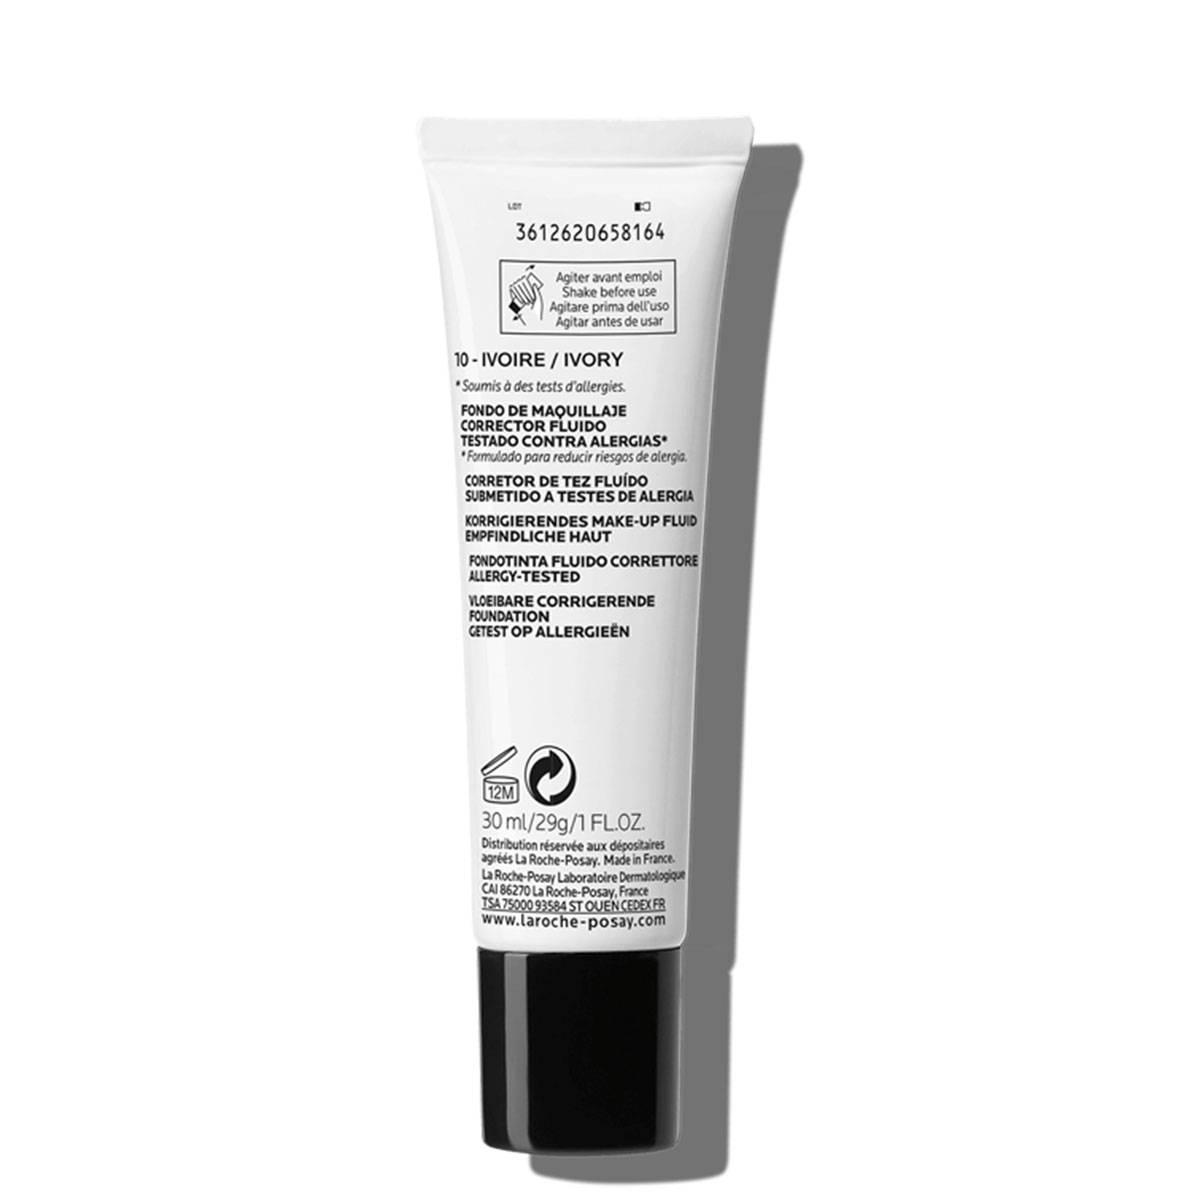 La Roche Posay Sensitive Toleriane Make up CORRECTIVE LIQUID FOUNDATIO